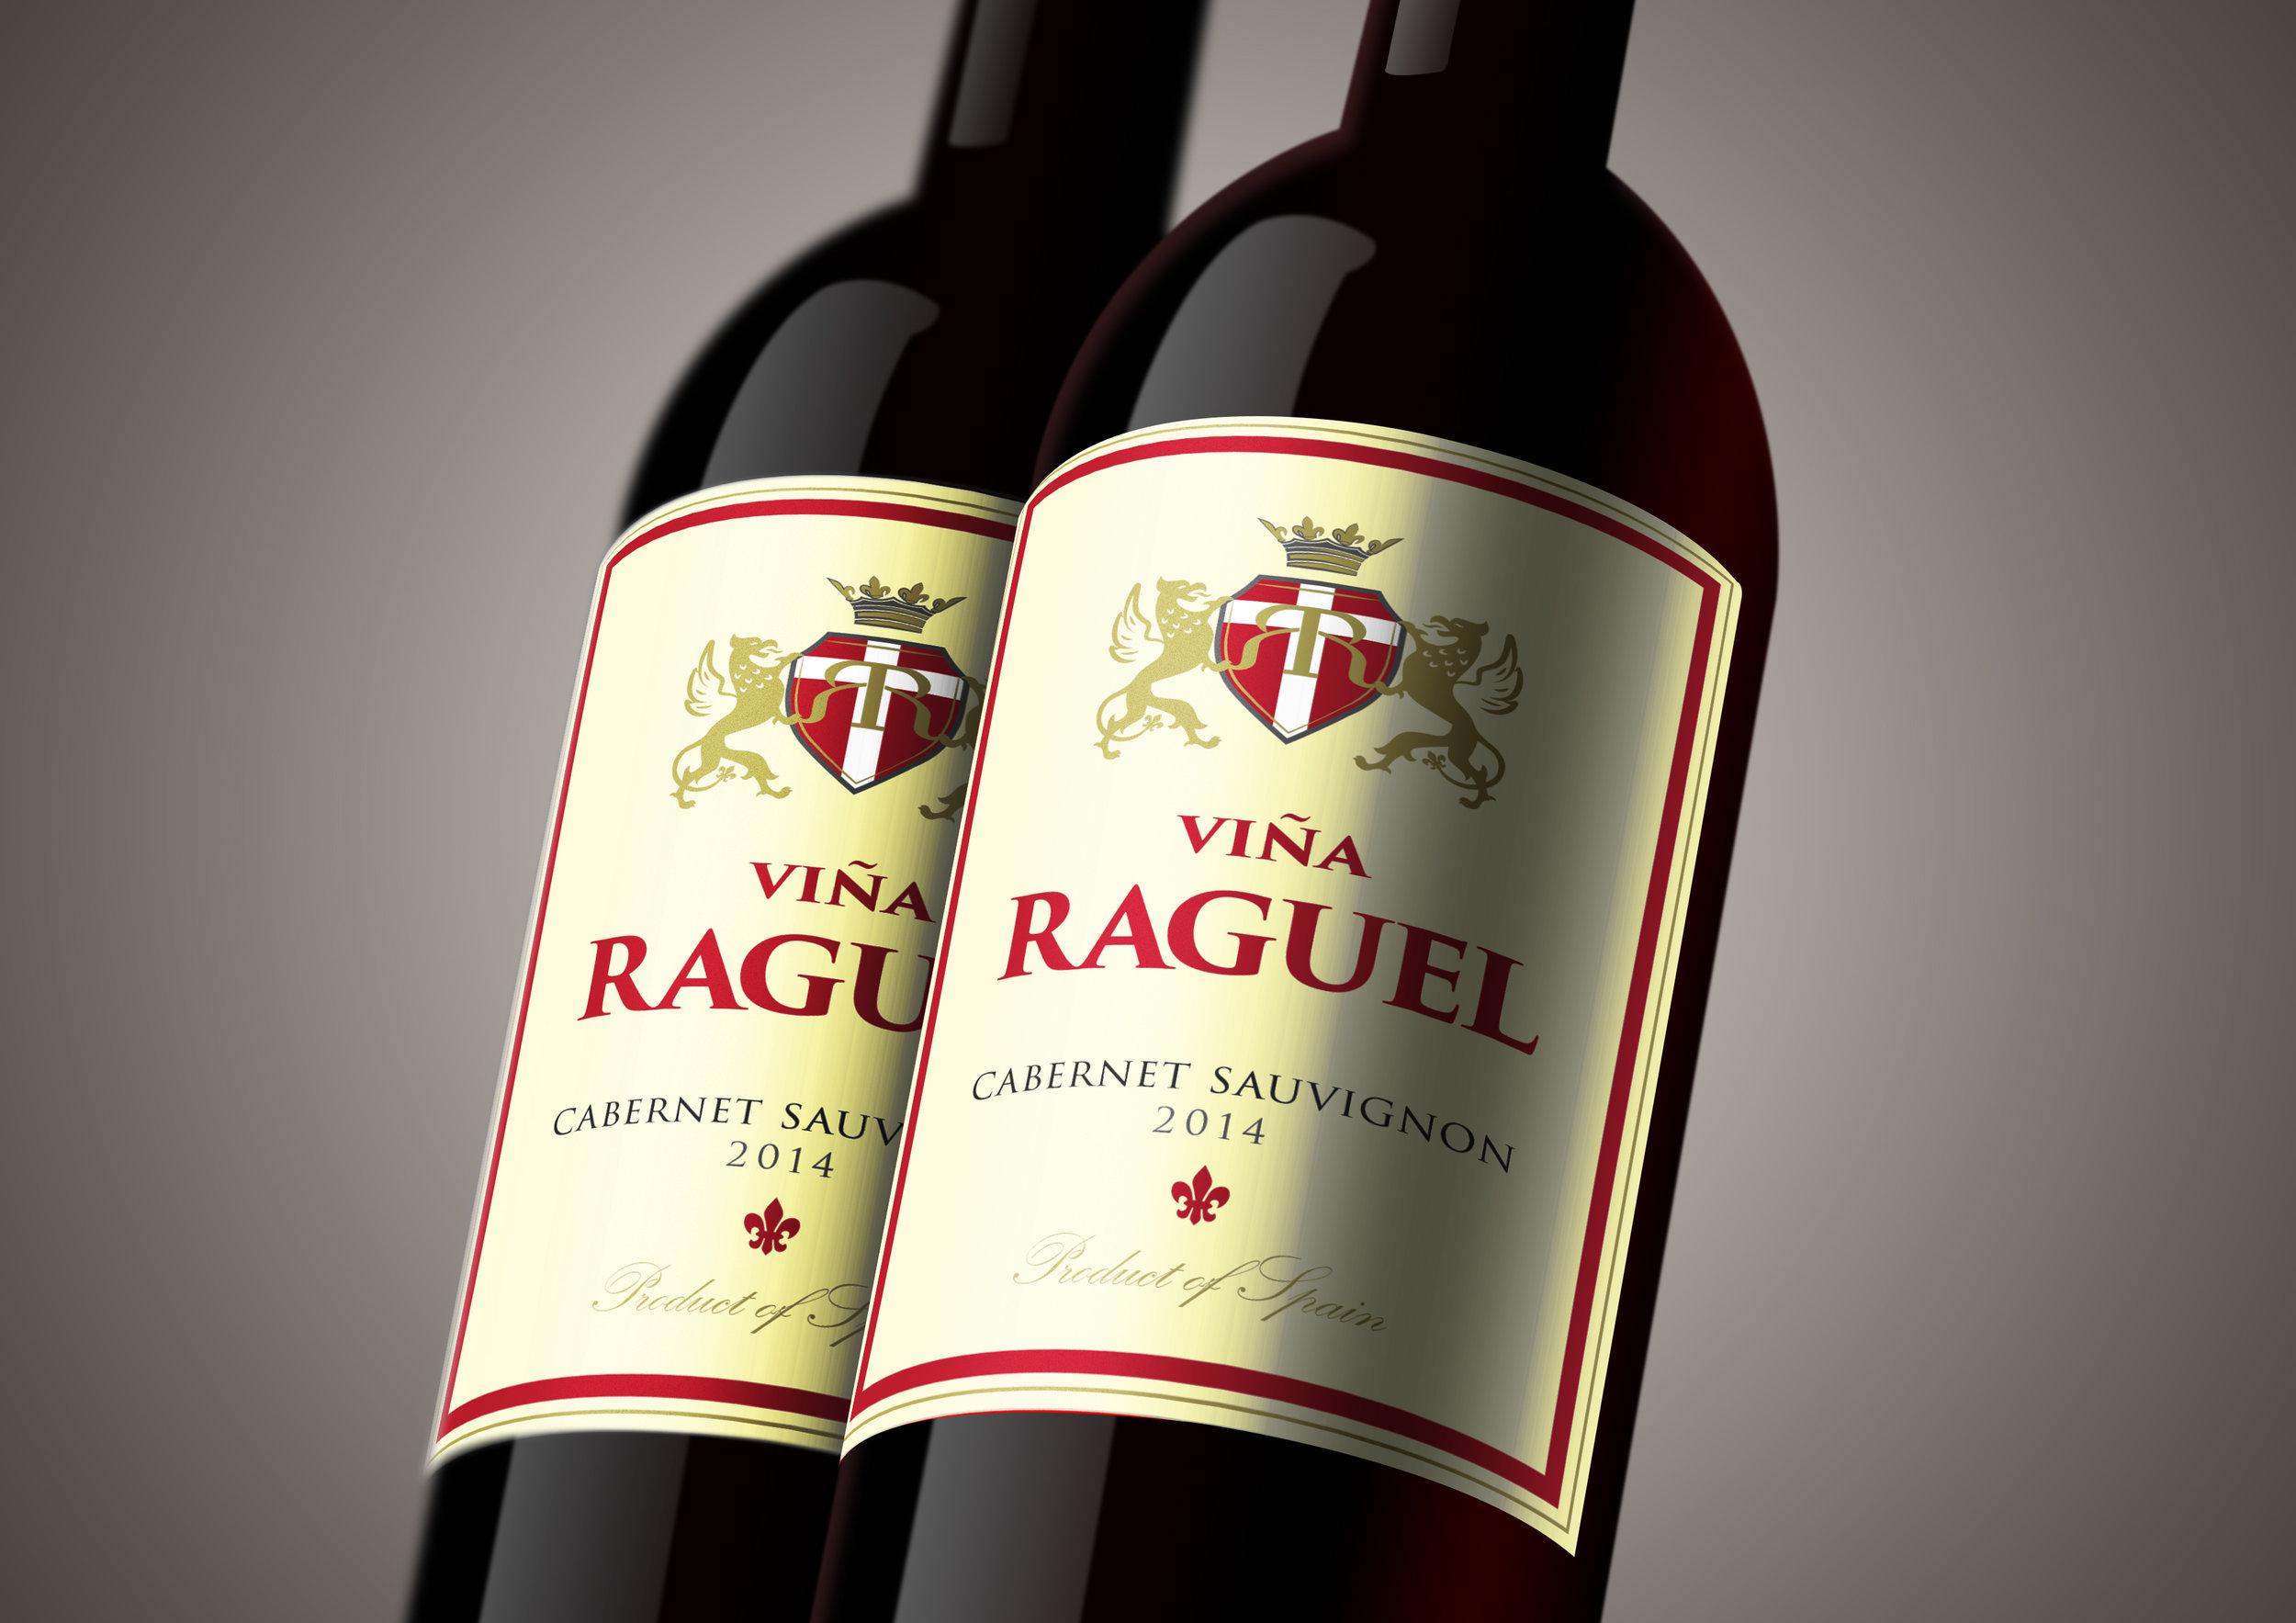 Vina Raguel 2 Bottle Shot.jpg